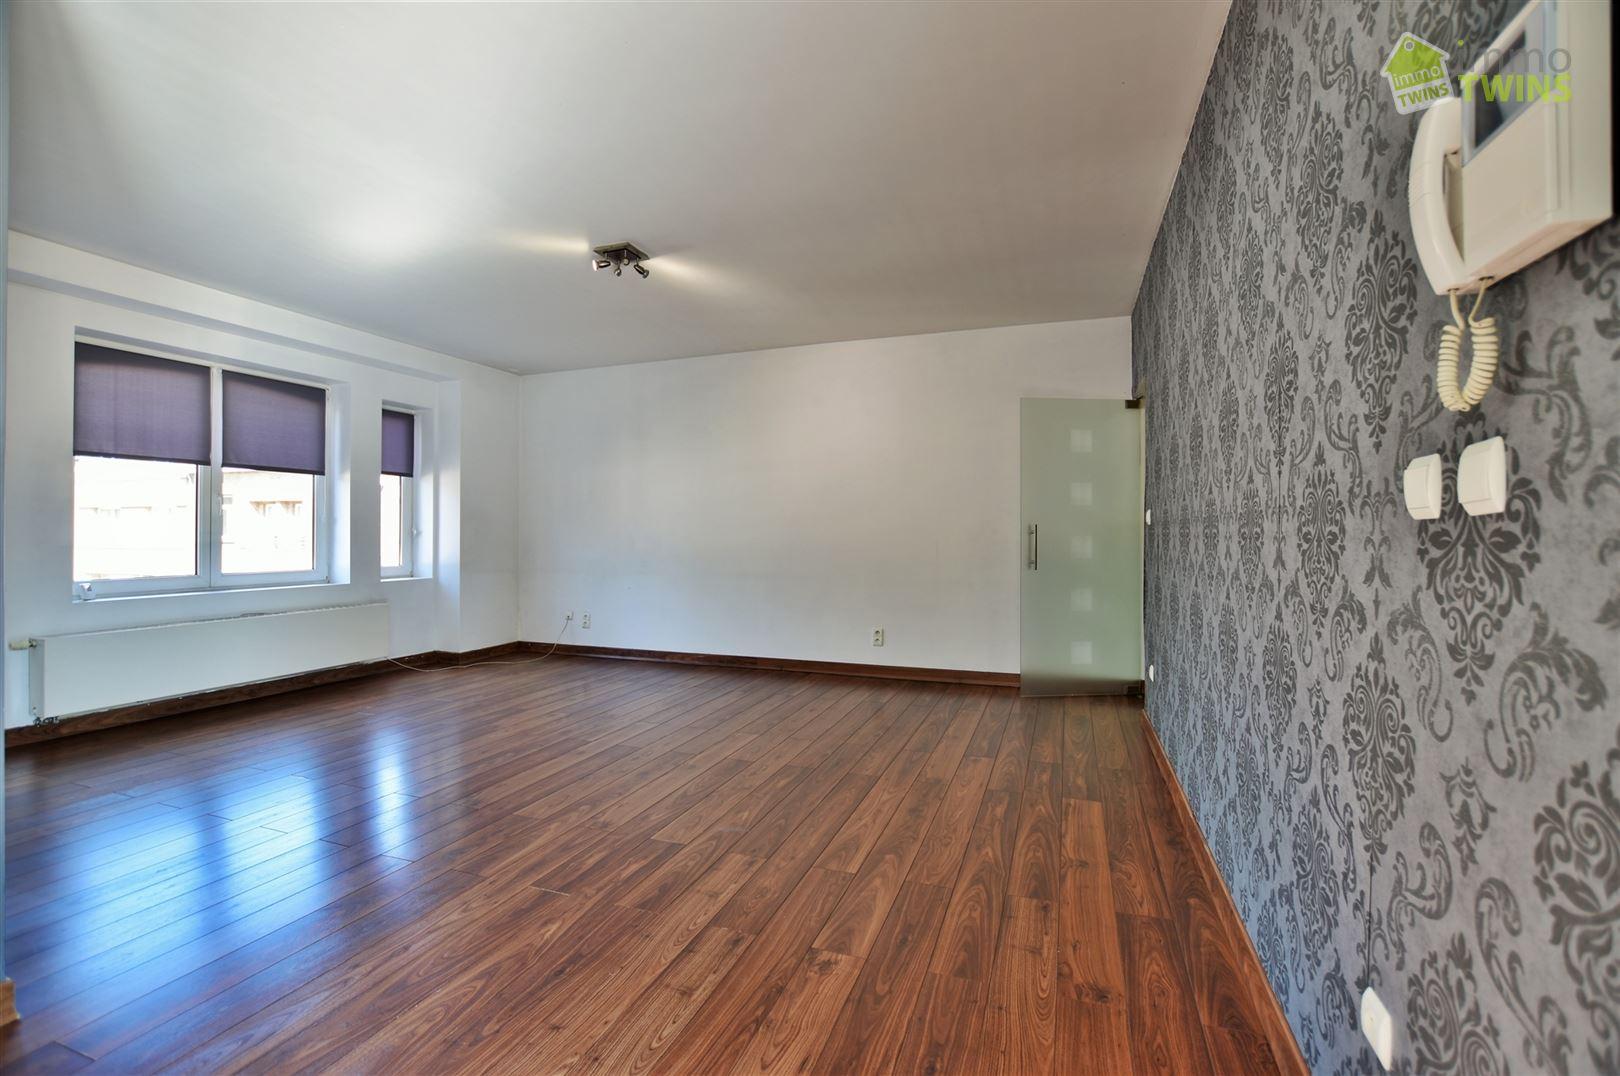 Foto 9 : Appartement te 9200 Sint-Gillis-bij-Dendermonde (België) - Prijs € 219.000